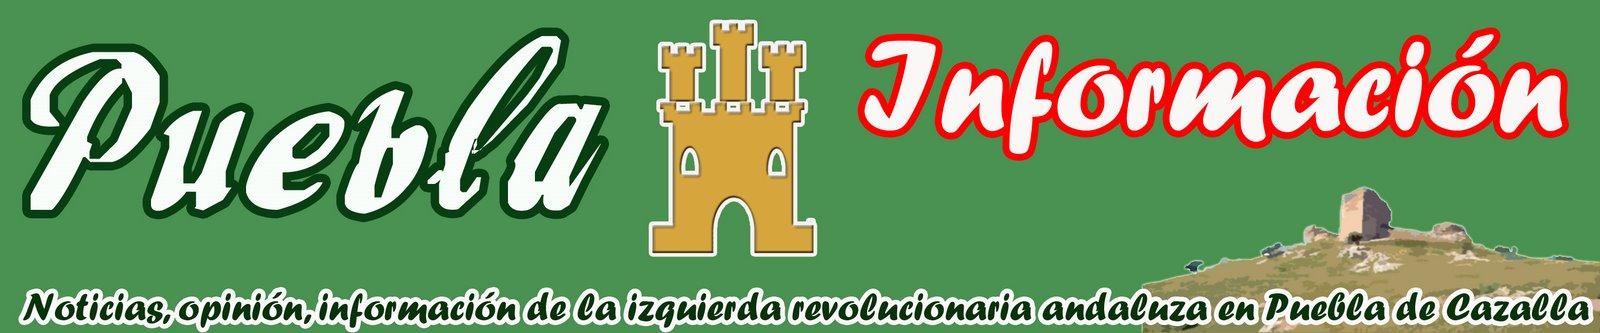 Puebla Información